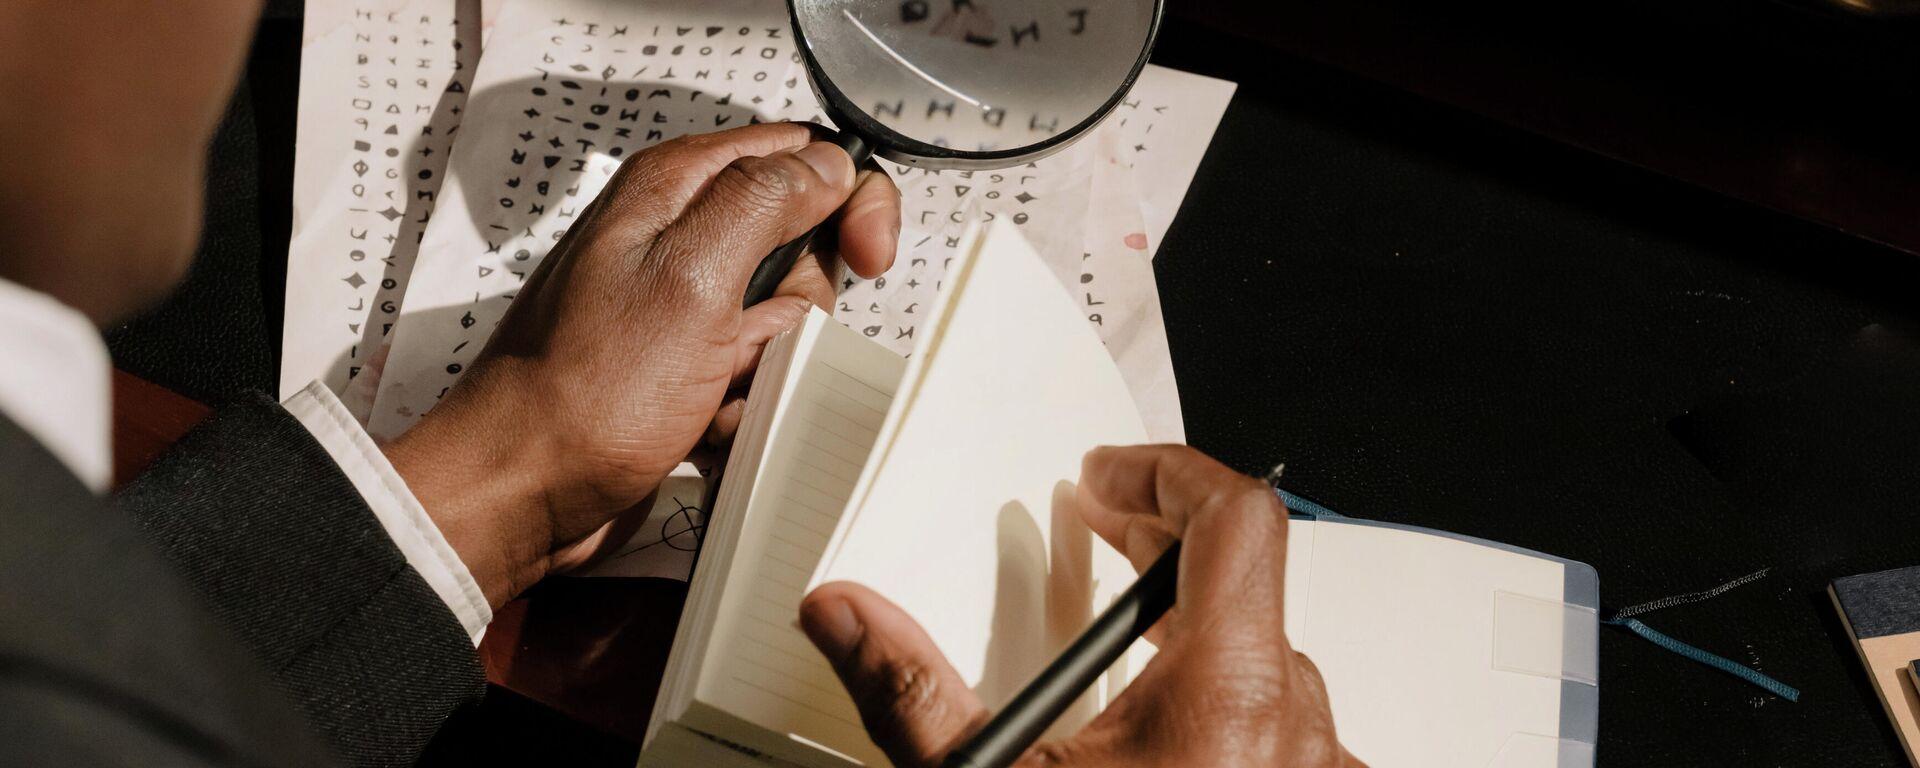 Мужчина рассматривает текст под увеличительным стеклом - Sputnik Узбекистан, 1920, 06.10.2021